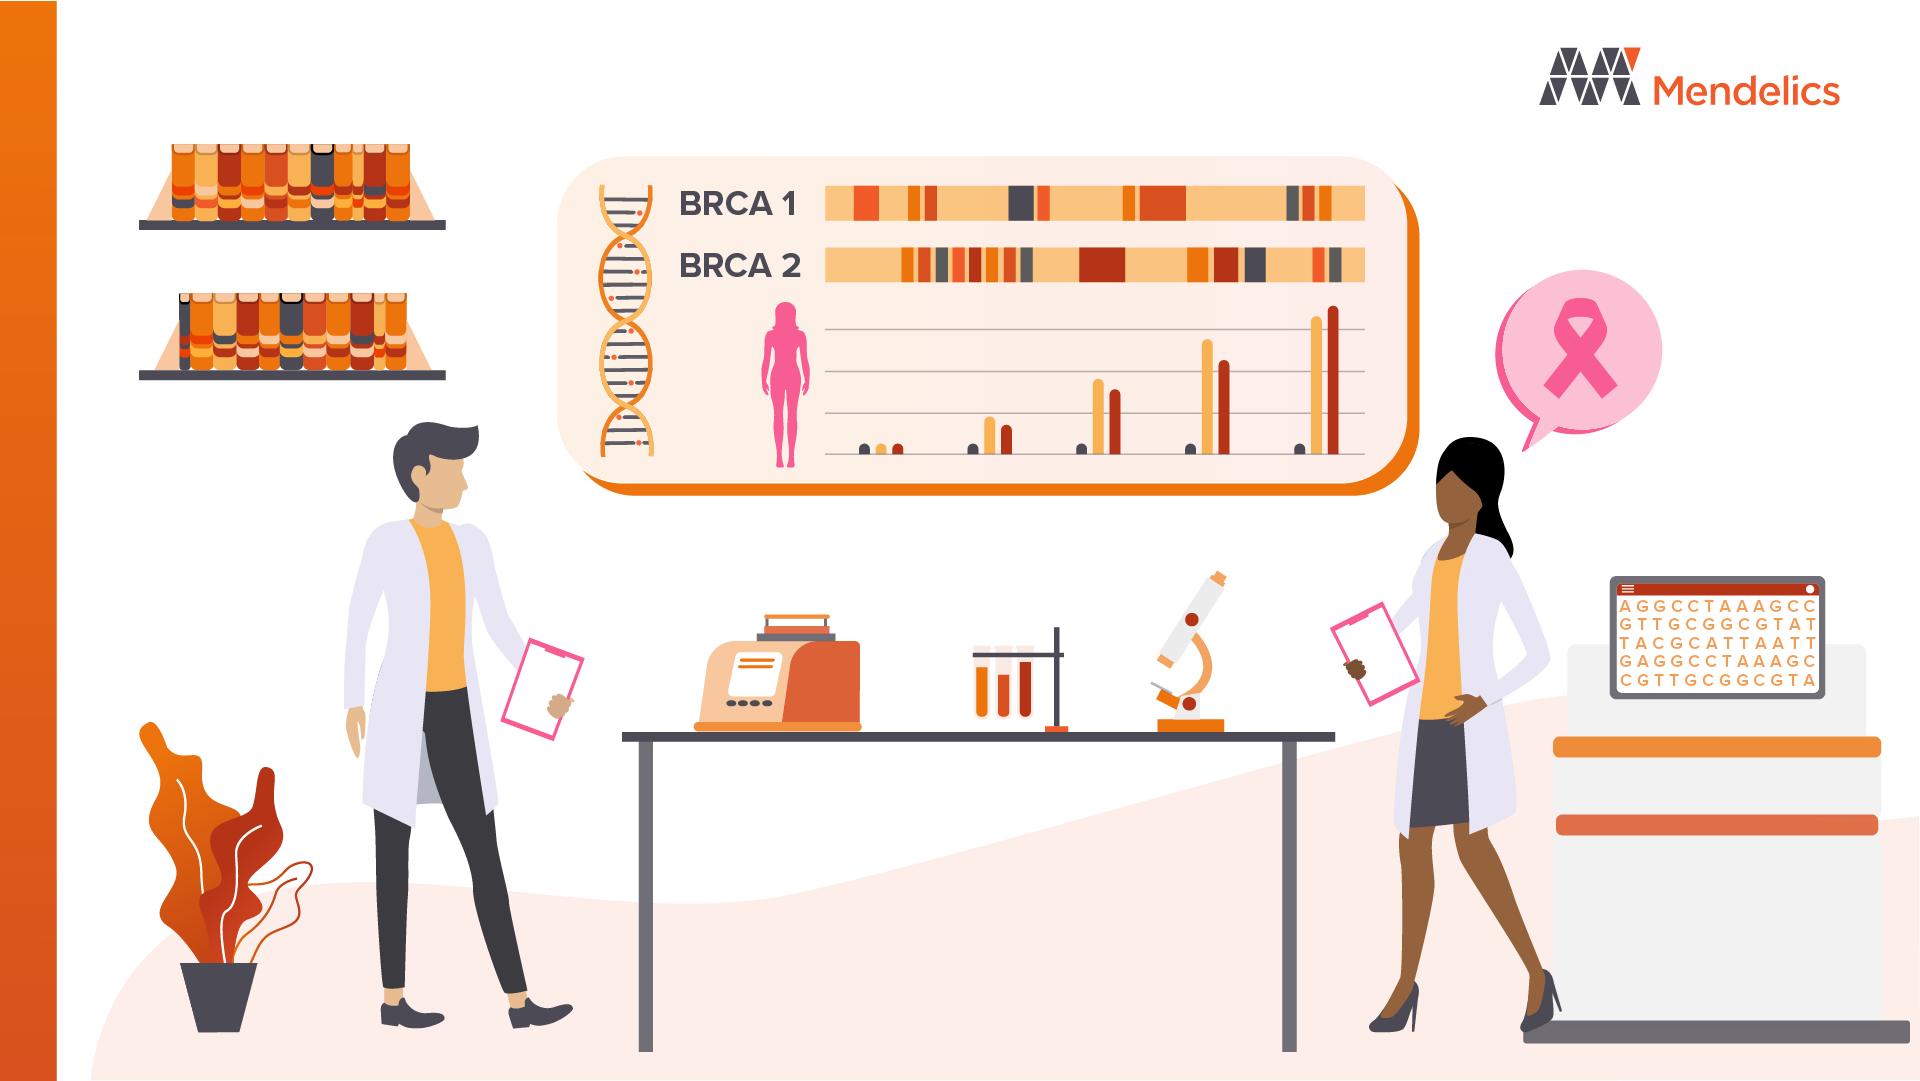 testes genéticos para cancer de mama e angelina jolie